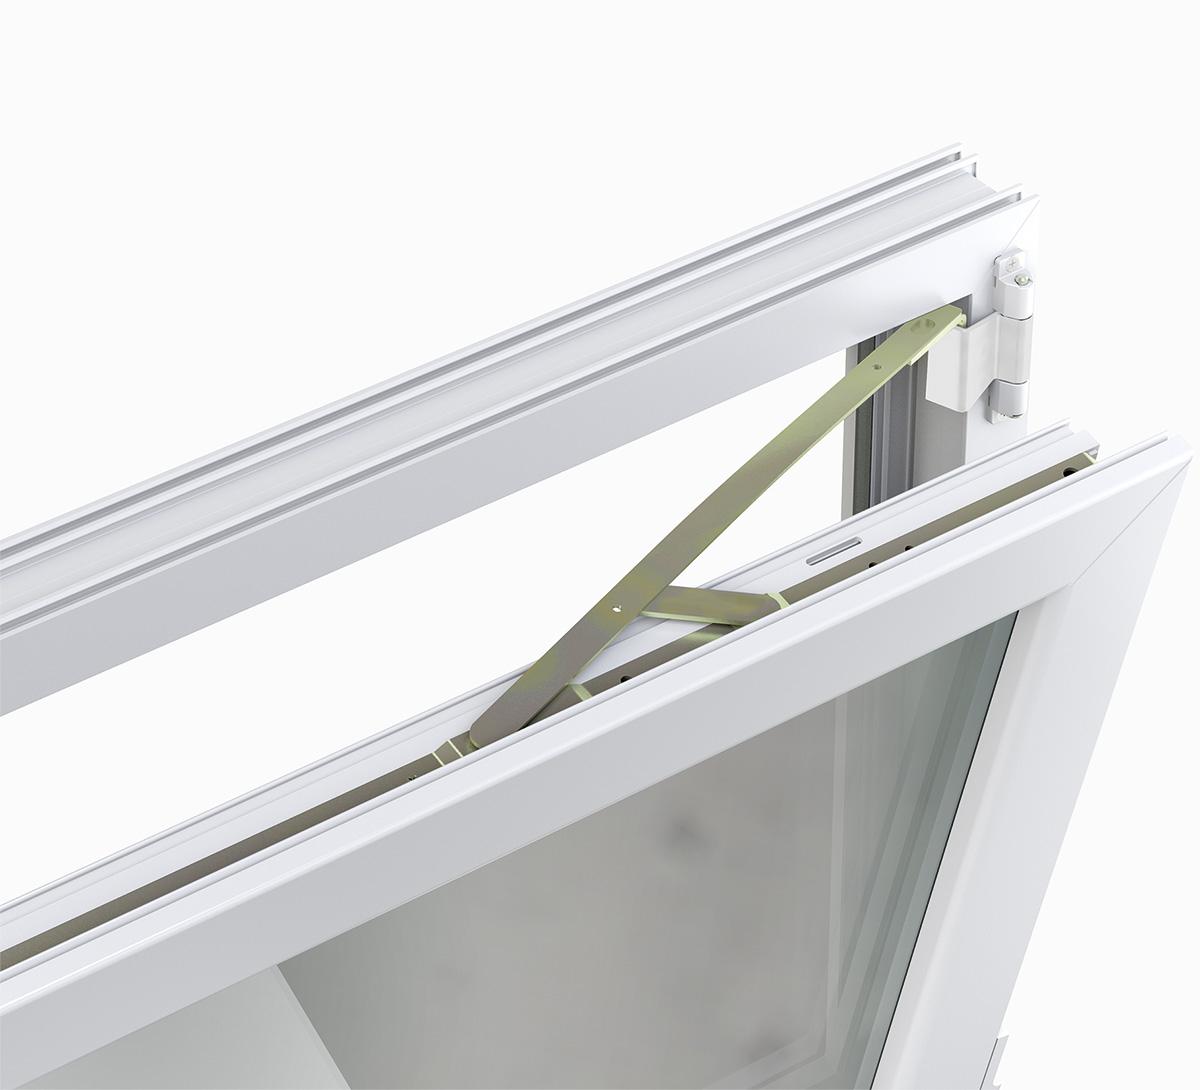 Full Size of Aco Fenster Mit Drehkippfluegel Einbruchschutz Alte Kaufen Welten Sichtschutz Für Hannover Maße Sichtschutzfolie Velux Fenster Aco Fenster